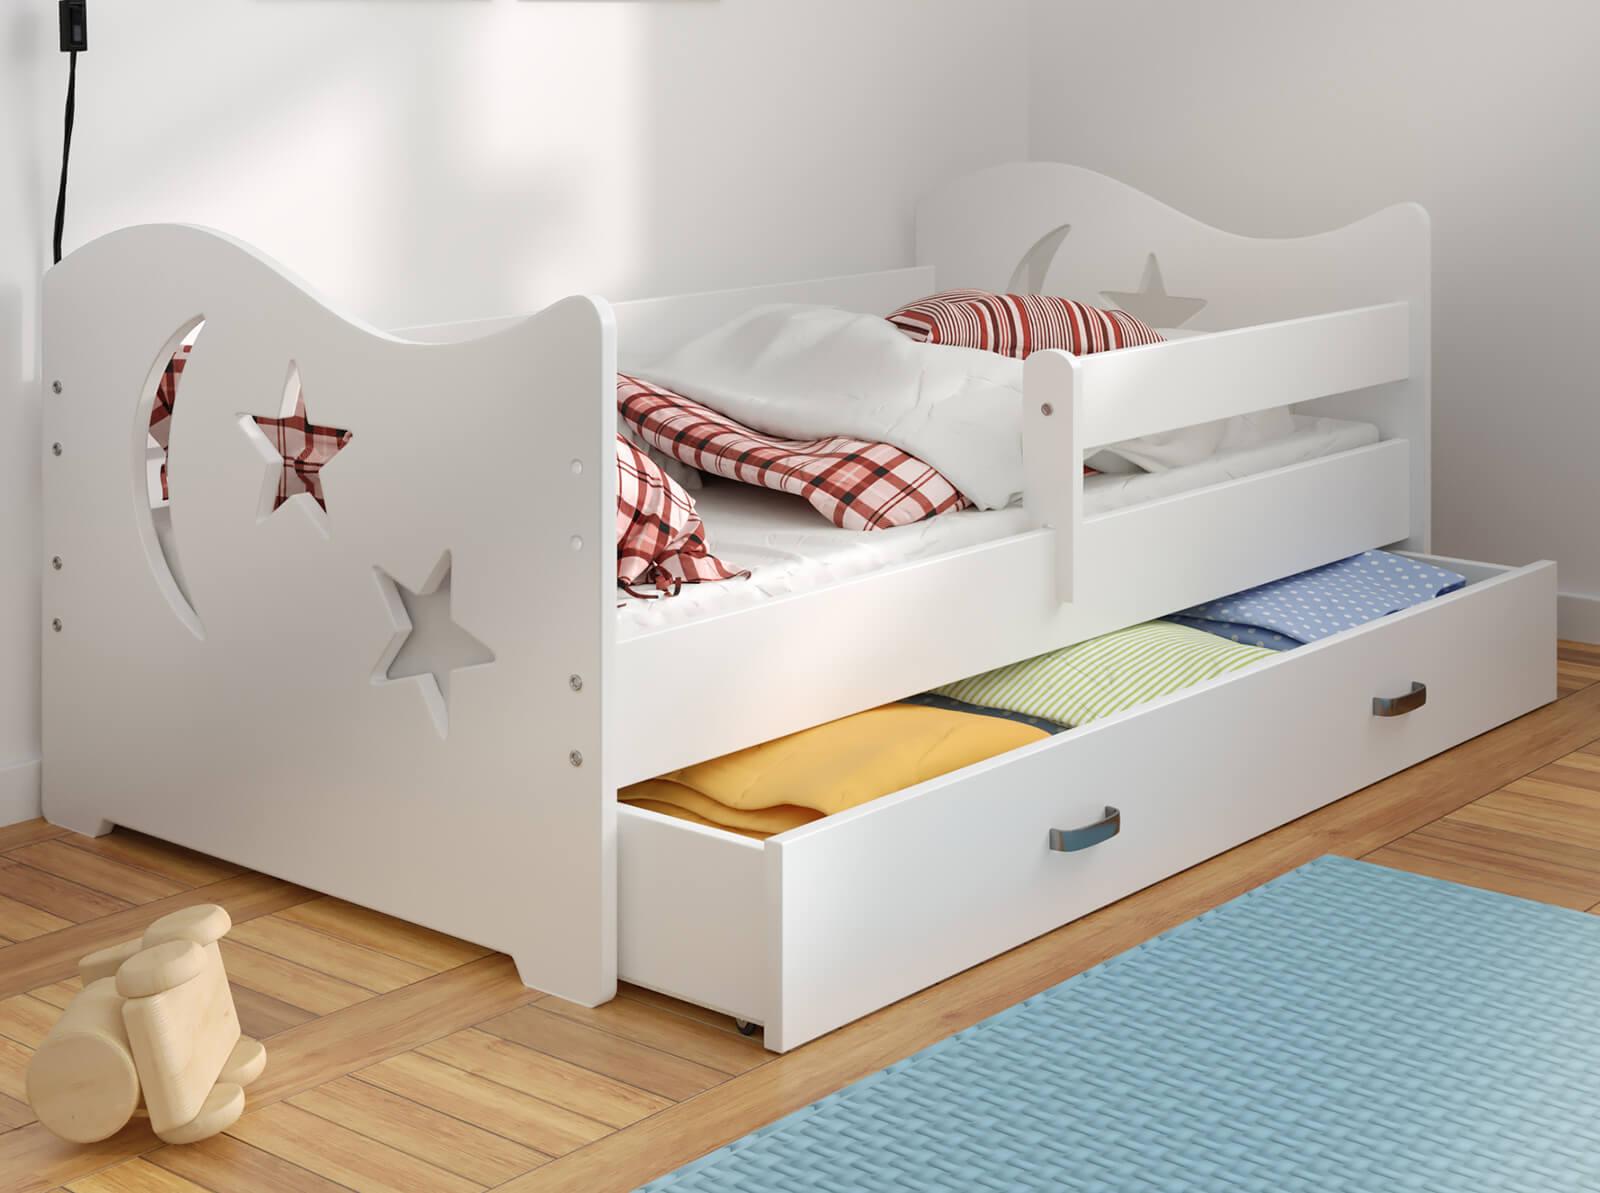 Łóżko dziecięce Miki 160X80 B1 księżyc i gwiazdki